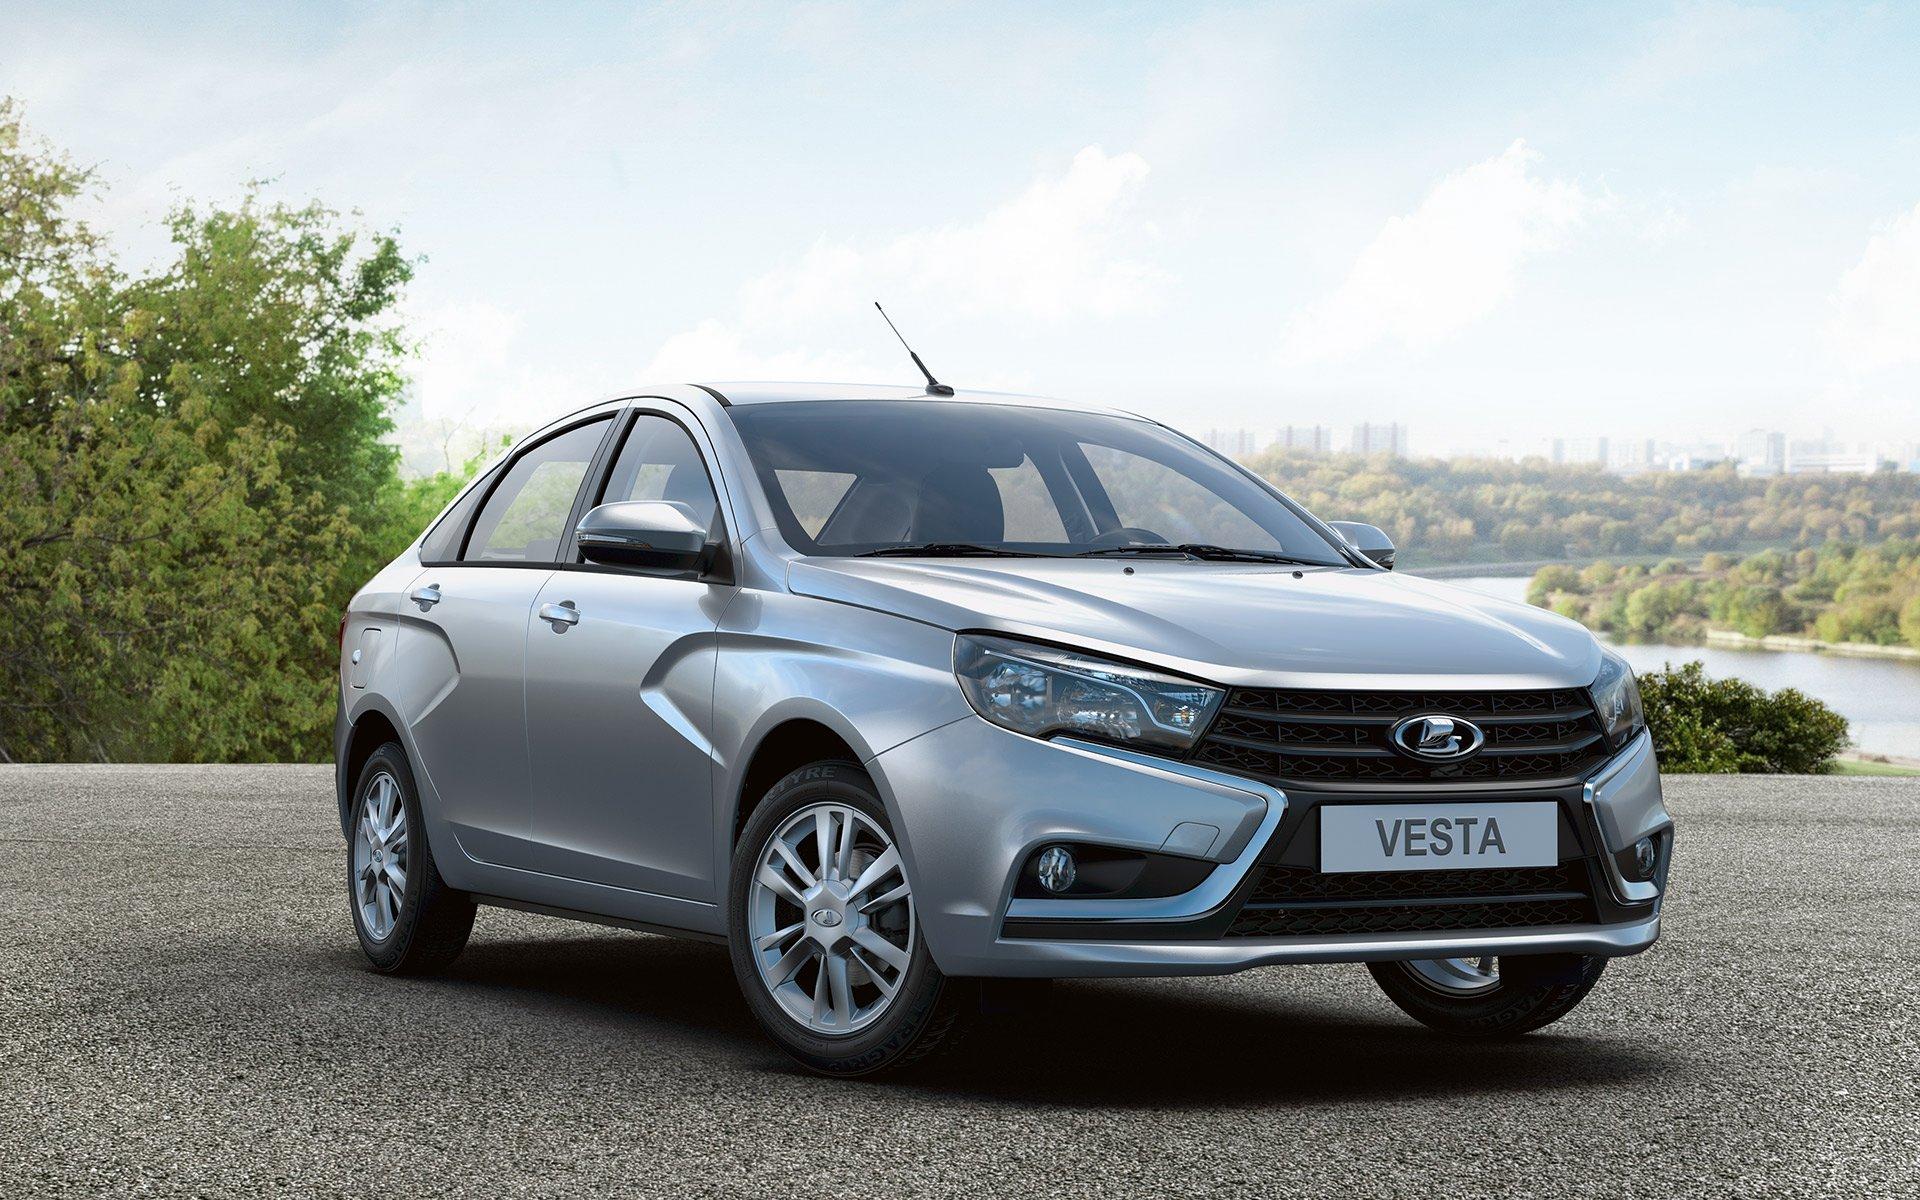 Лада Vesta вошла втройку самых реализуемых авто в Российской Федерации